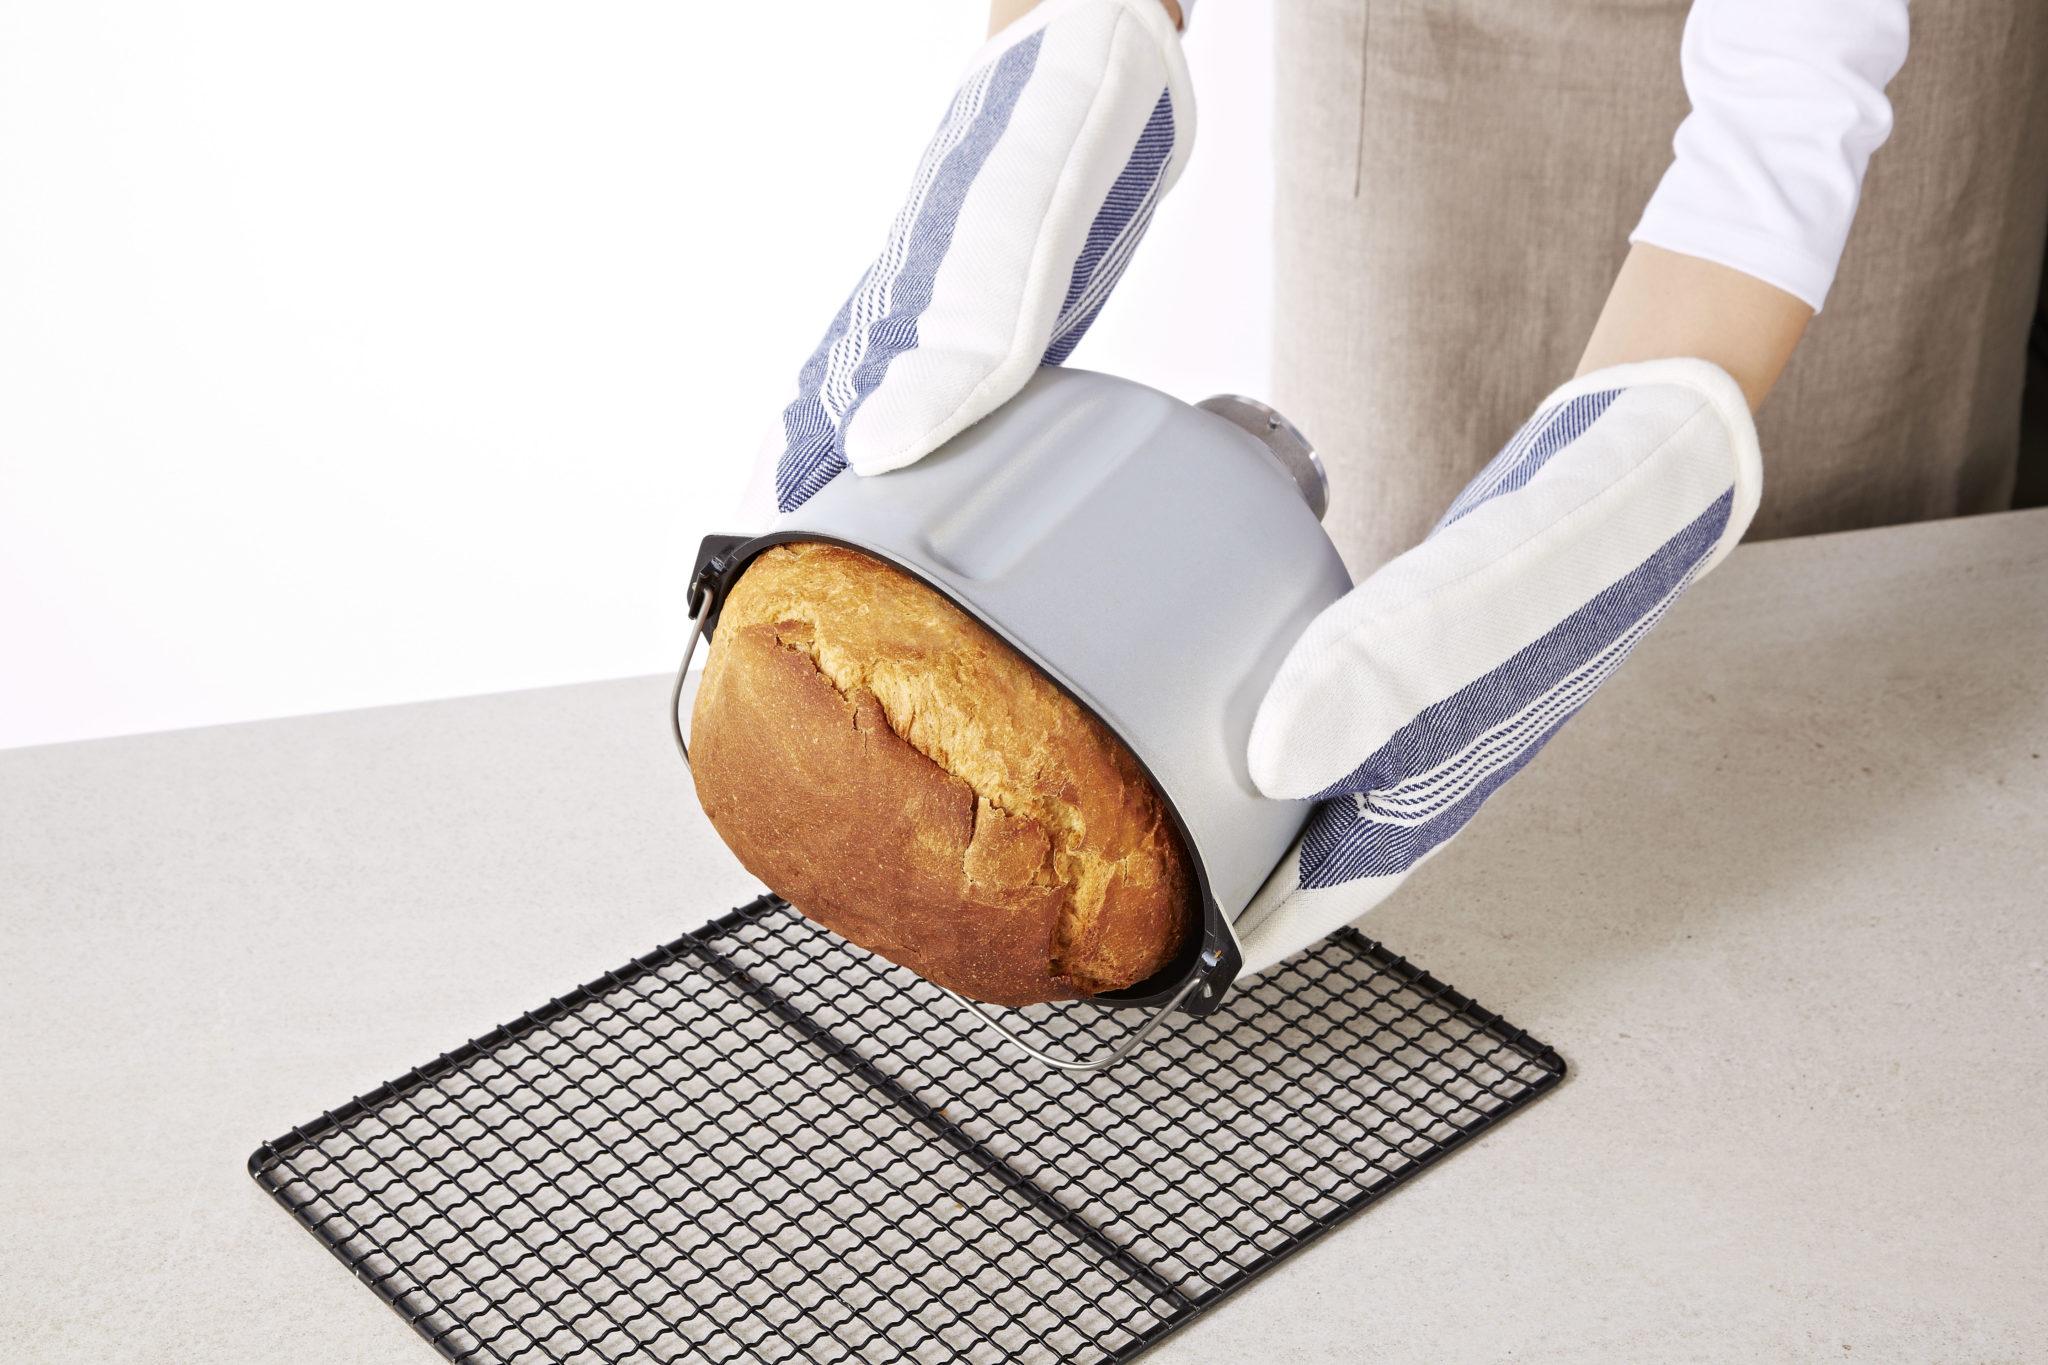 Nie, takto to v praxi nevyzerá. Musíte dať ruku do vnútra nádoby, aby ste chlebík vytiahli